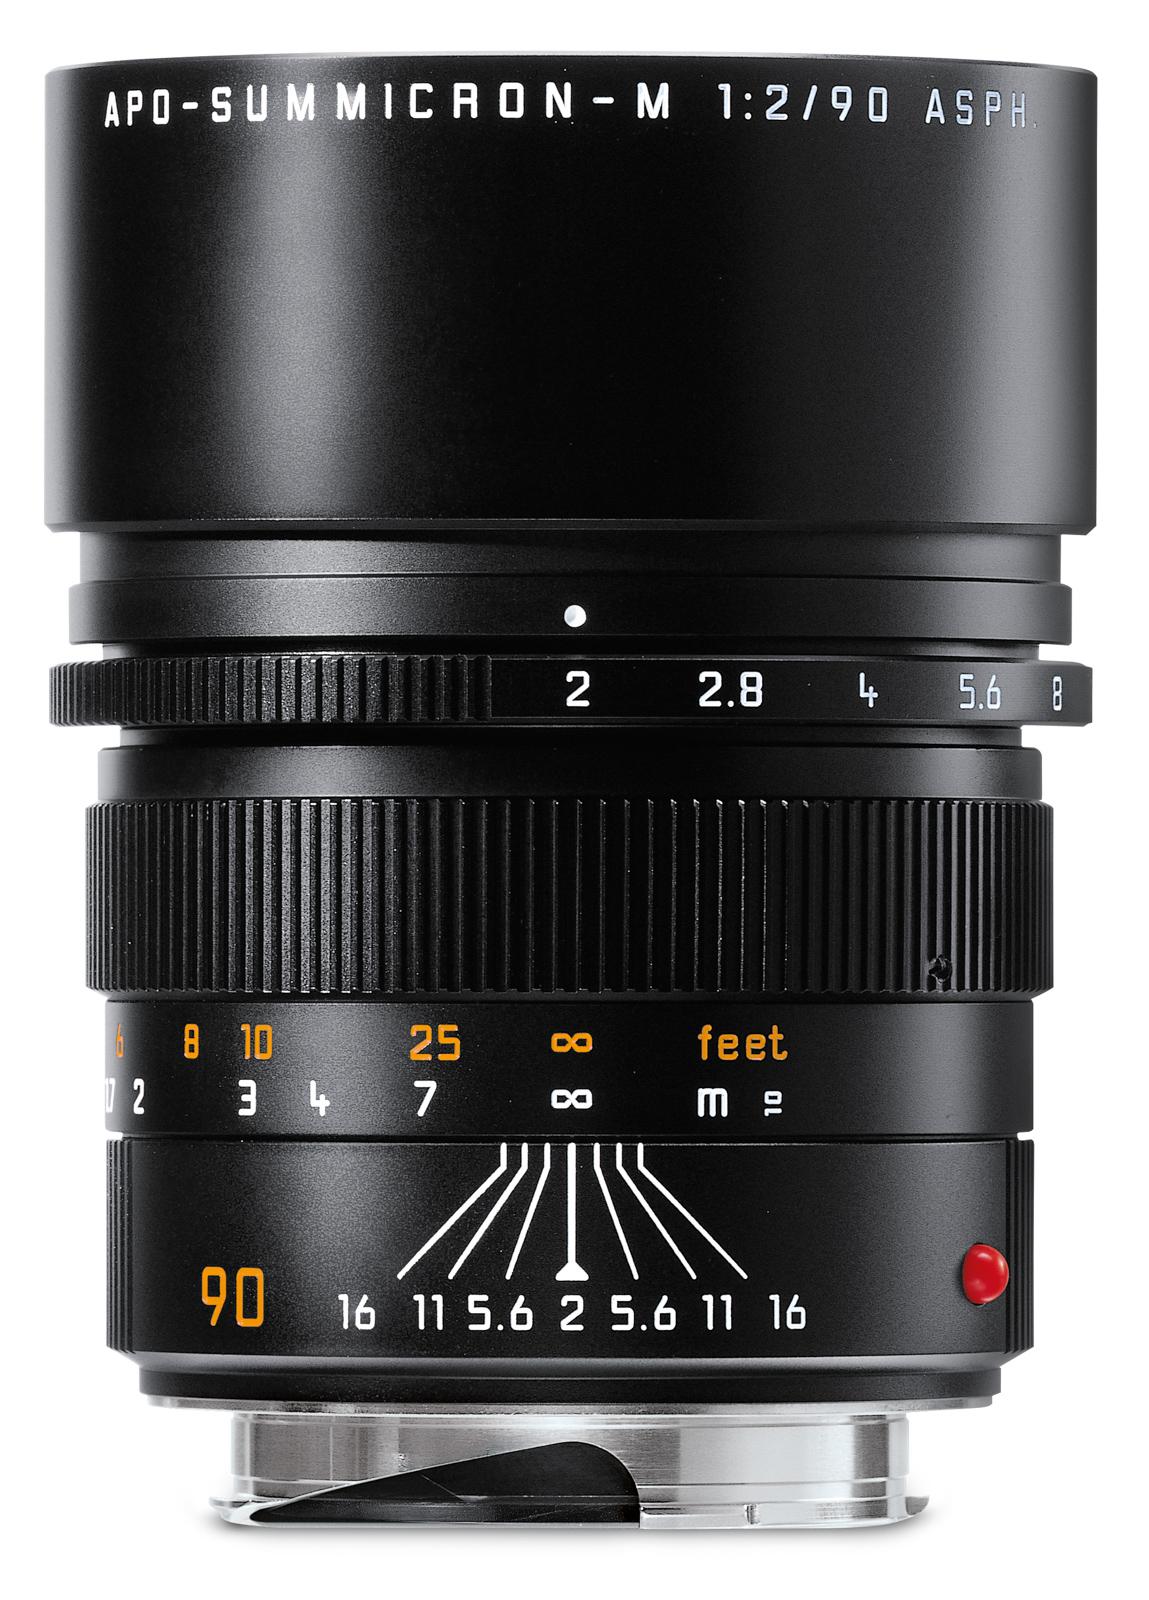 Leica APO-Summicron-M 1:2.0/90 ASPH